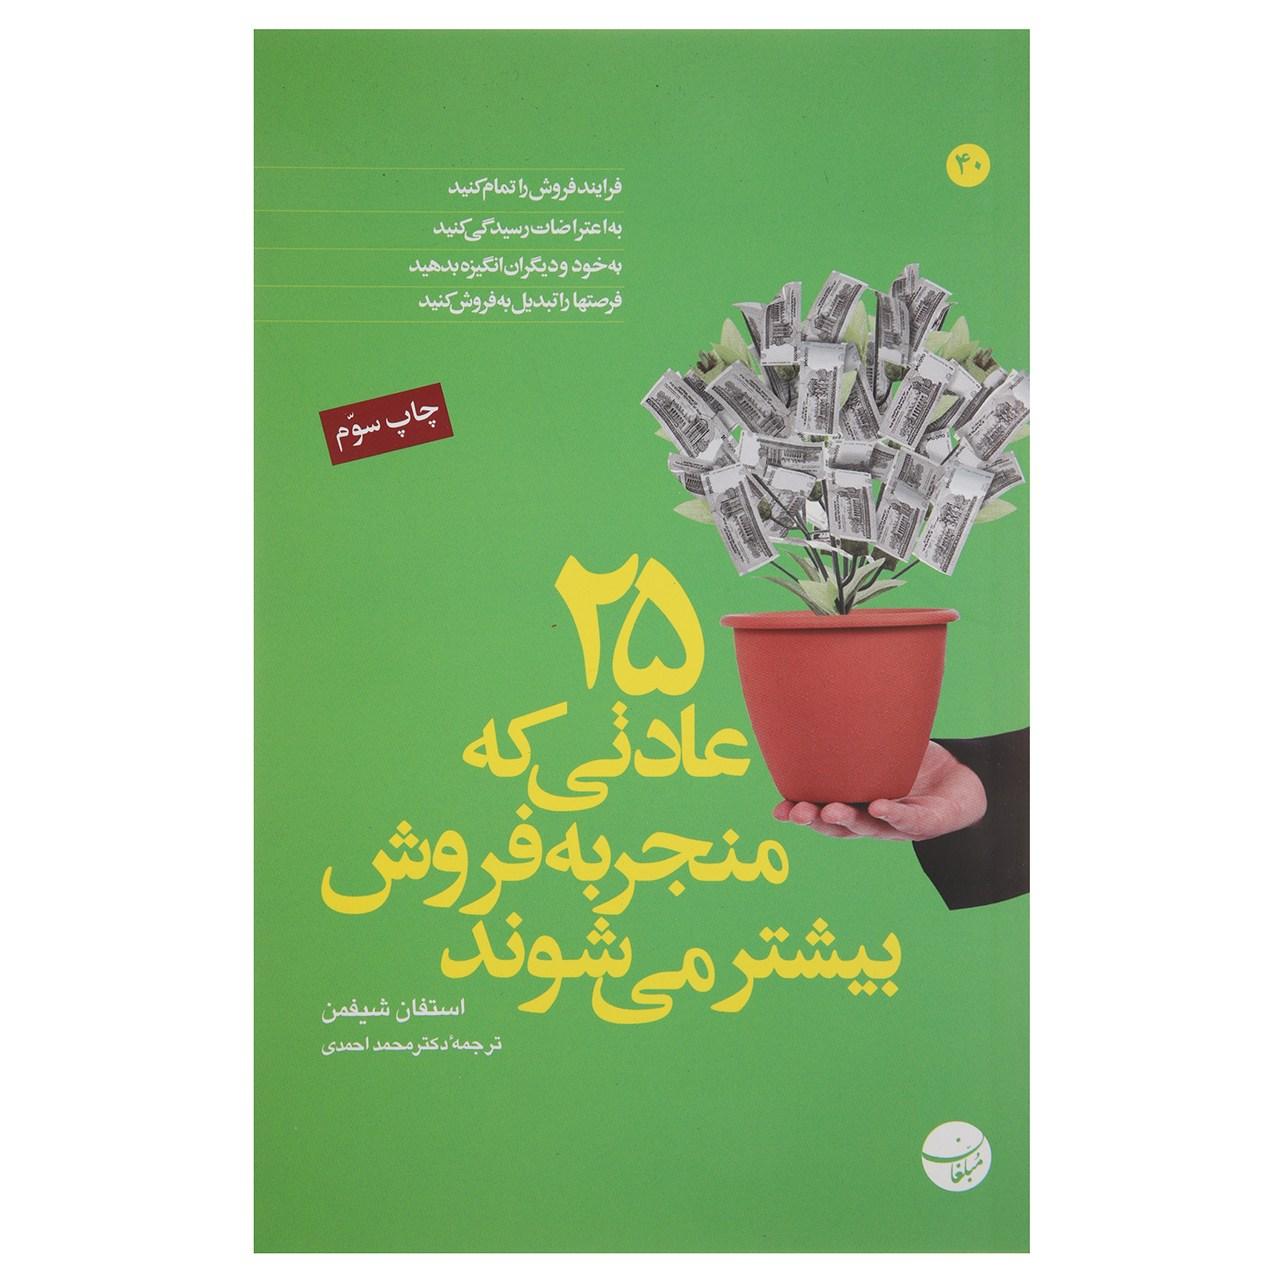 کتاب 25 عادتی که منجر به فروش میشوند اثر استفان شیفمن